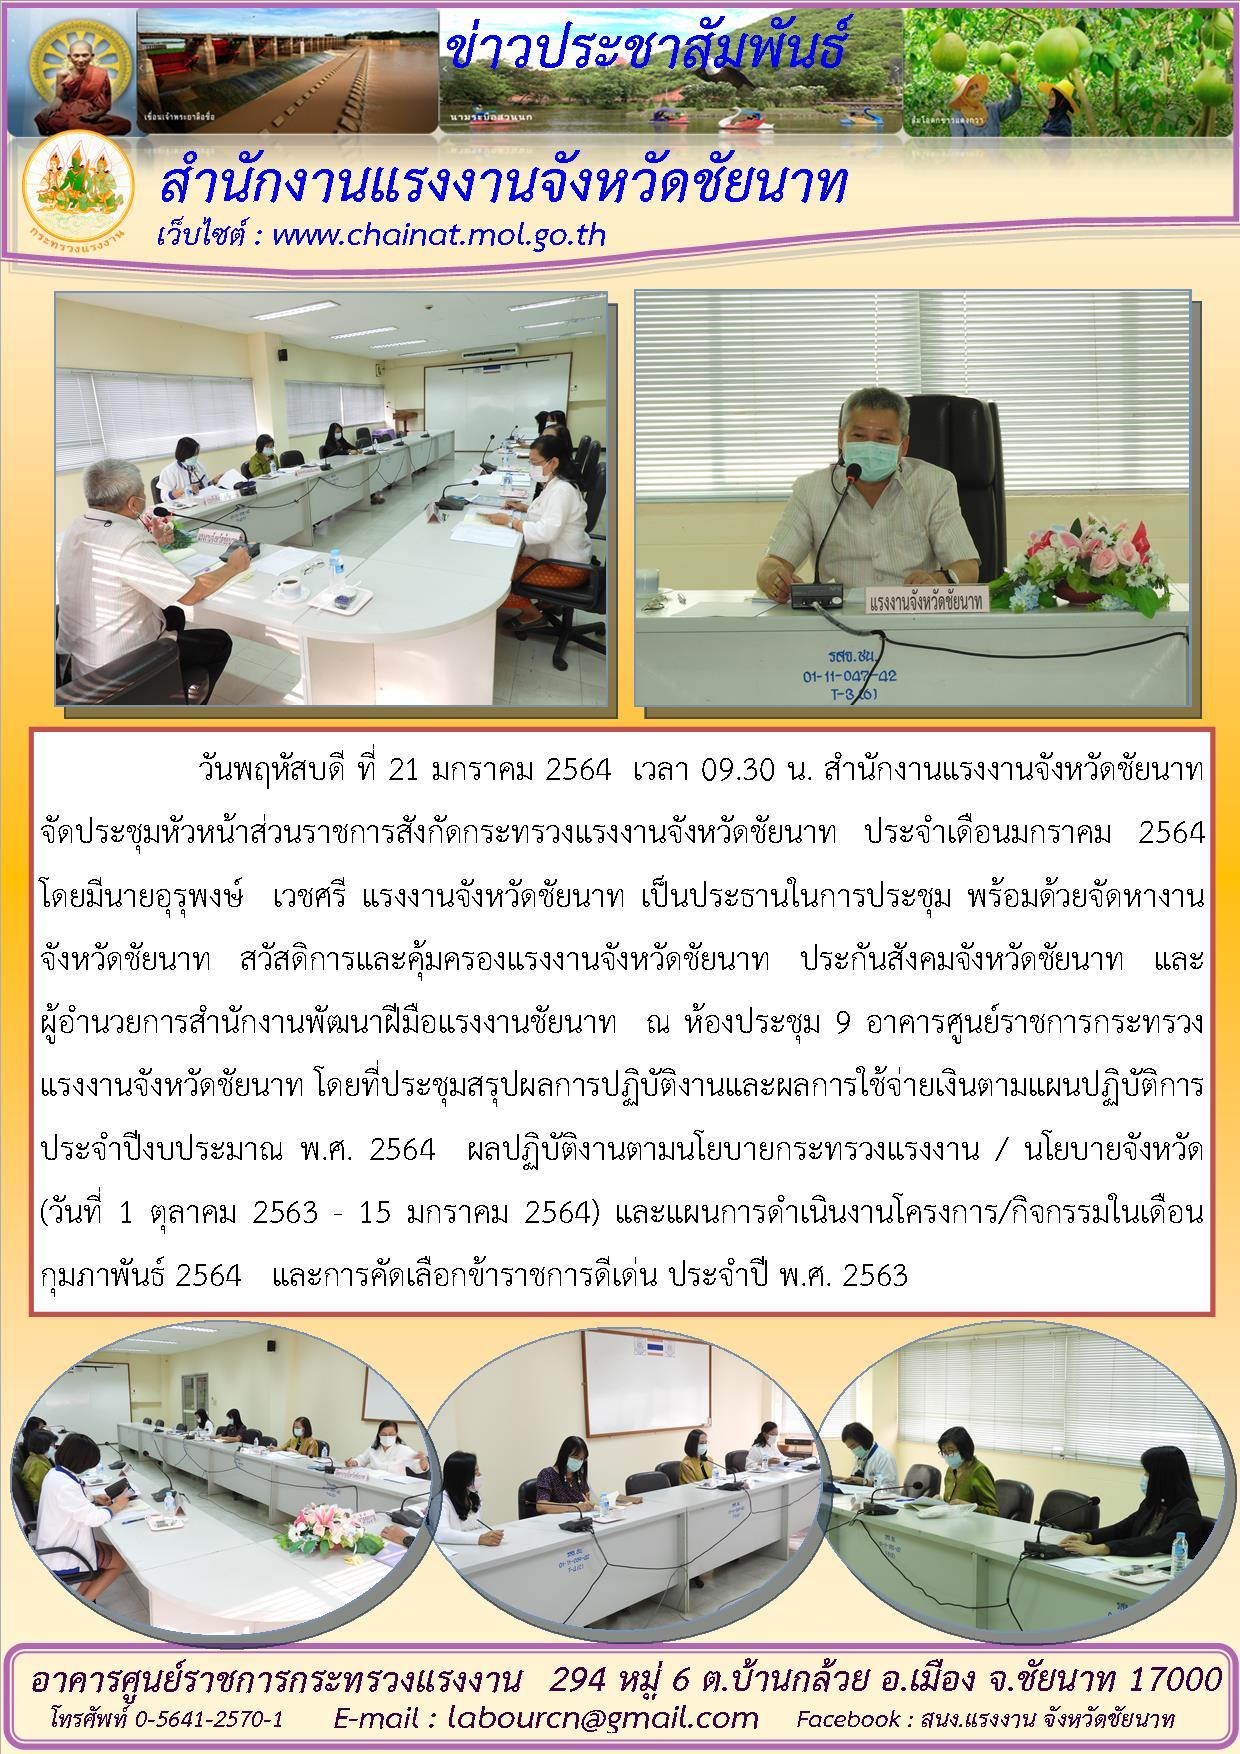 สำนักงานแรงงานจังหวัดชัยนาท จัดประชุมหัวหน้าส่วนกระทรวงแรงงาน ประจำเดือนมกราคม 2564